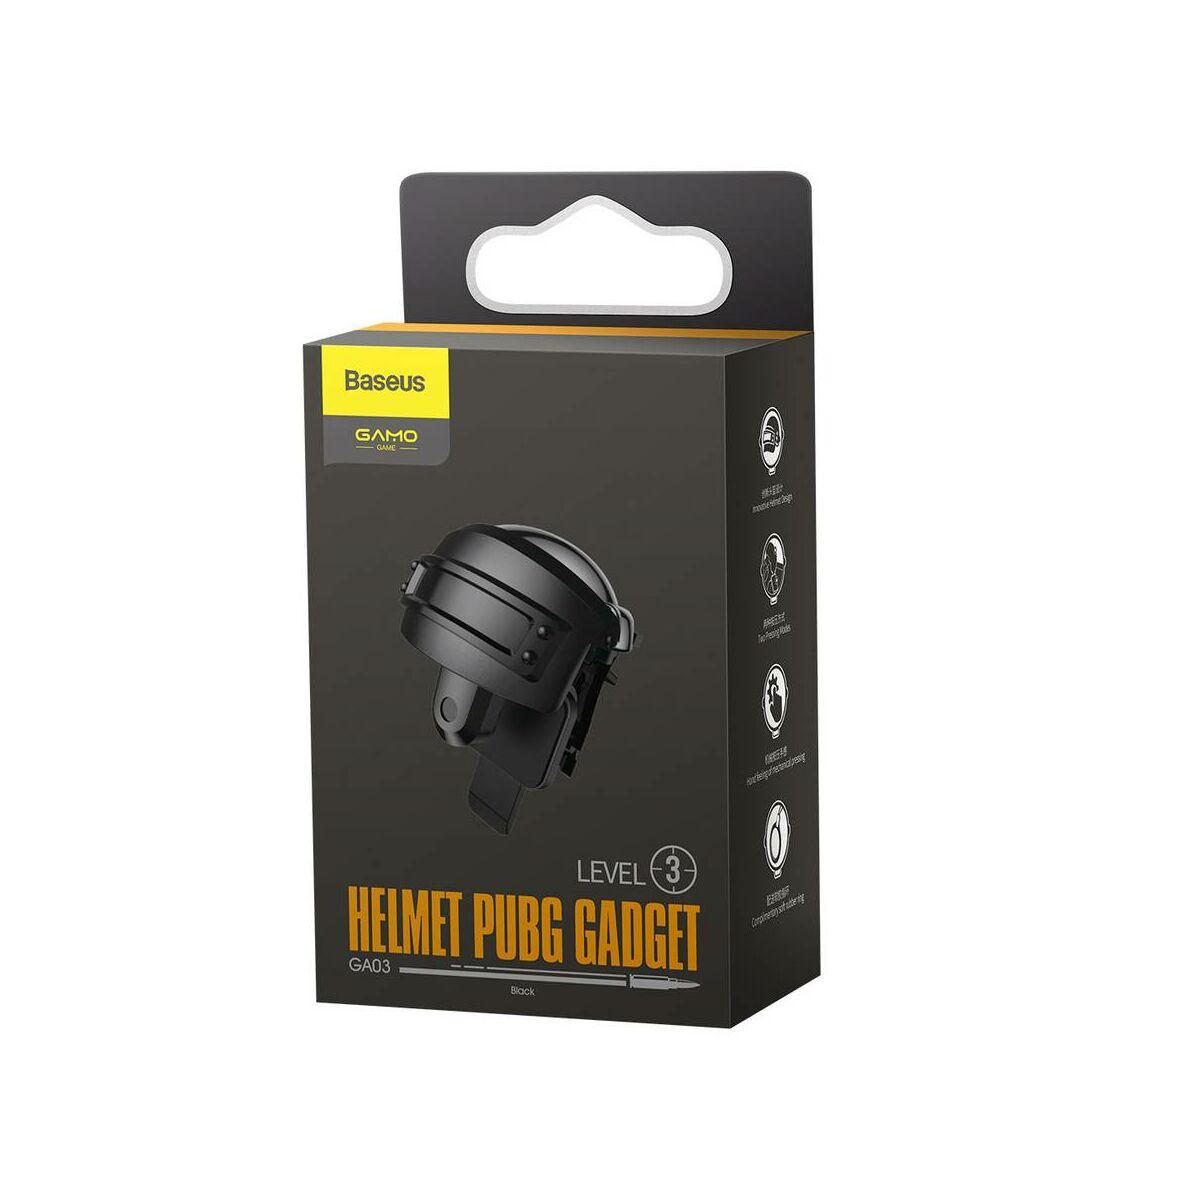 Baseus játék eszköz, Sisak forma, Level 3 PUBG Gadget GA03, fekete (GMGA03-A01)